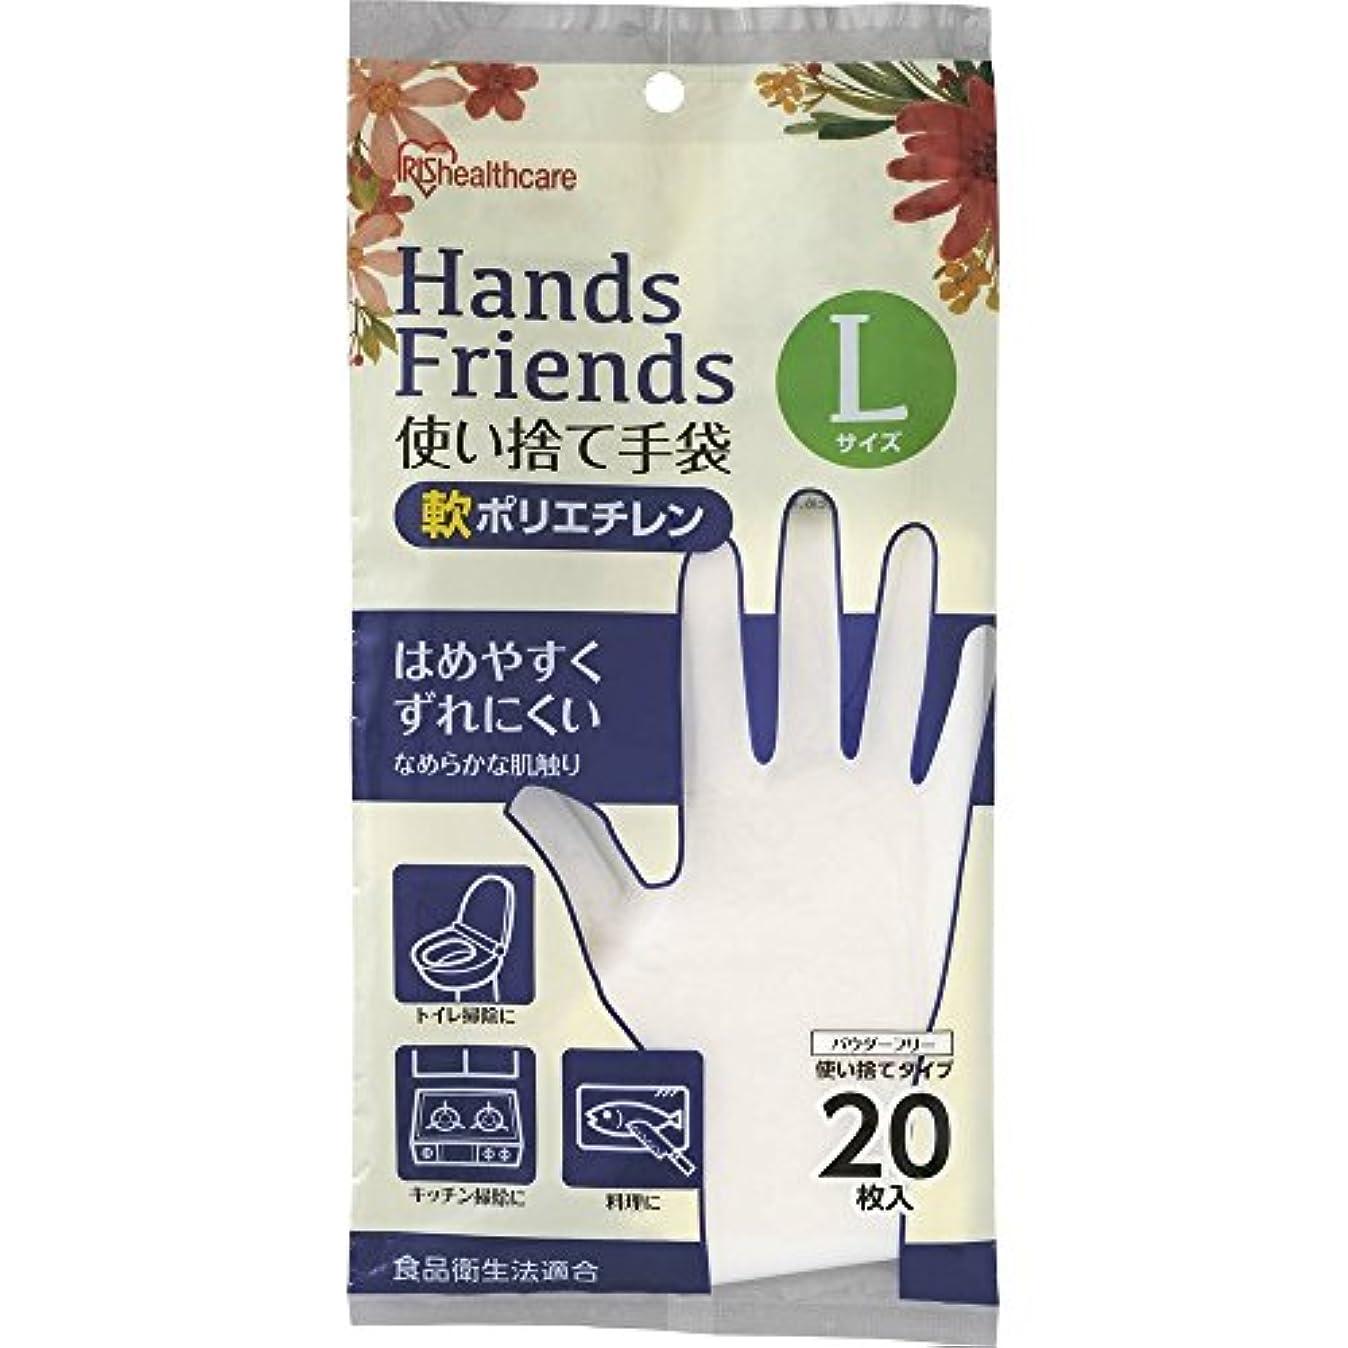 私のゼロ編集者使い捨て手袋 軟ポリエチレン手袋 Lサイズ 粉なし パウダーフリー クリア 20枚入